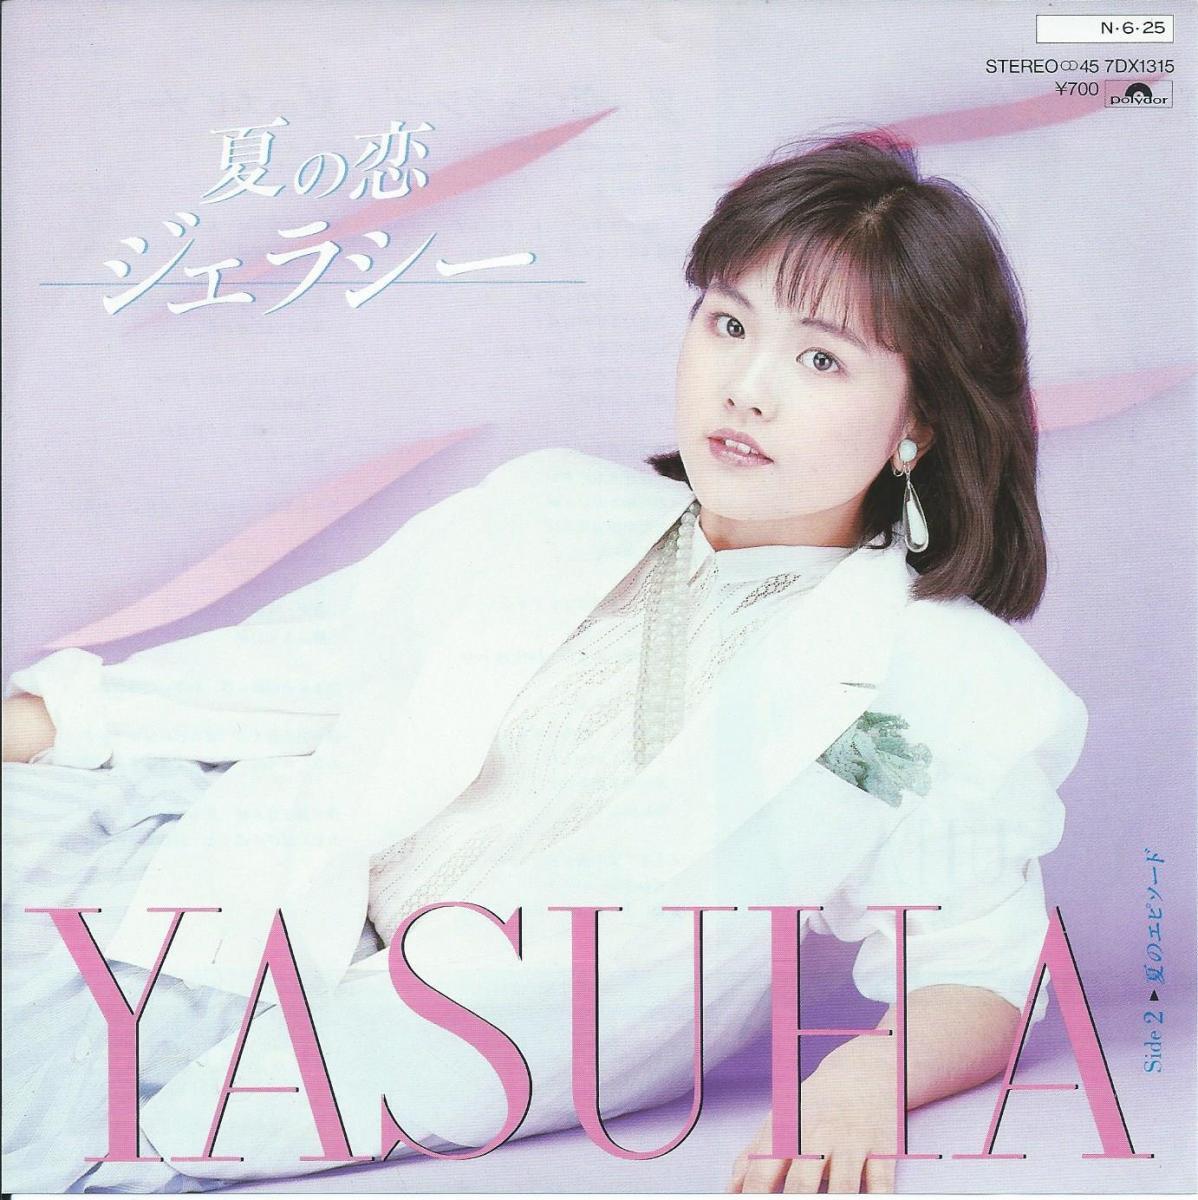 泰葉 YASUHA / 夏の恋・ジェラシー / 夏のエピソード (7